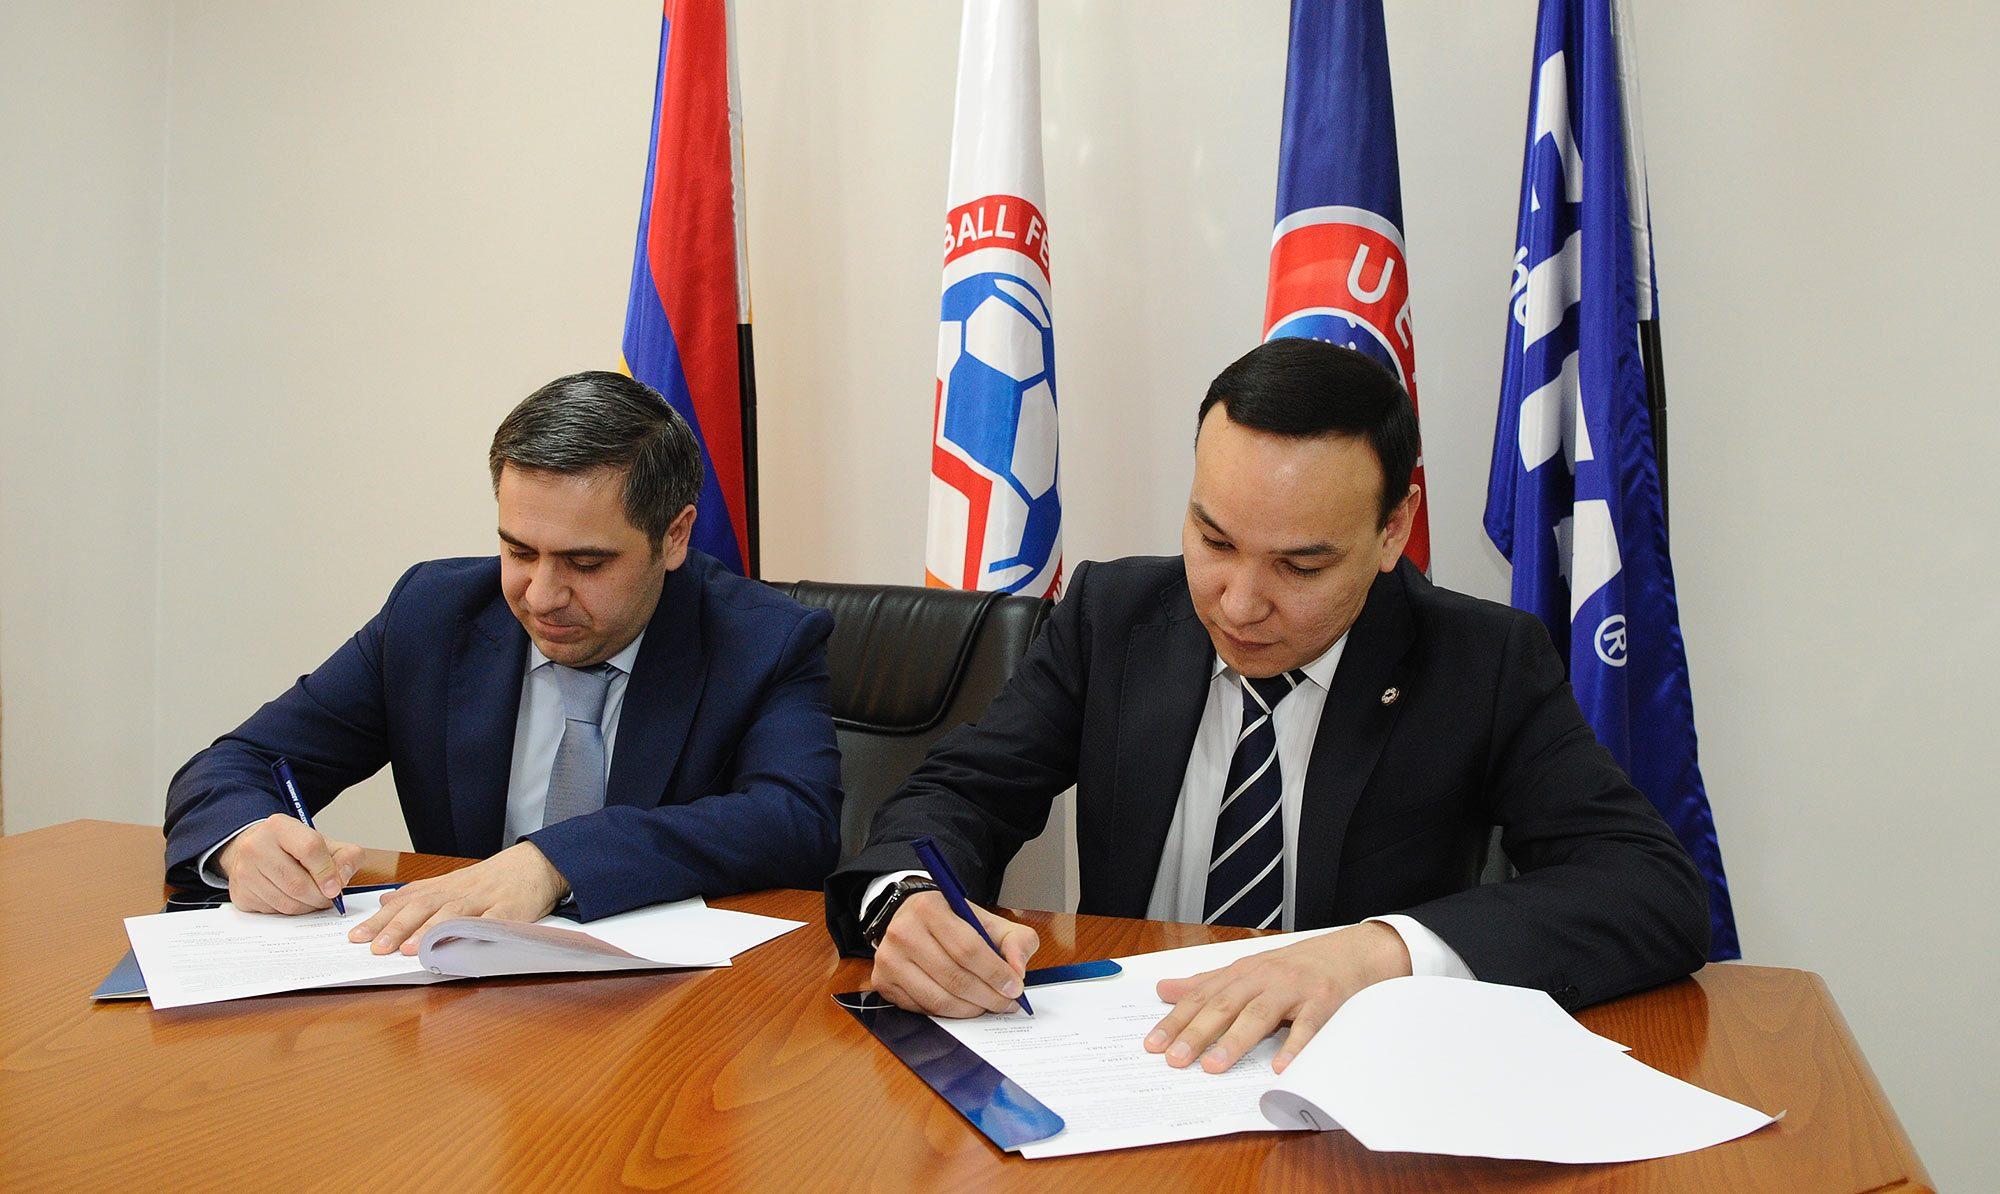 ՀՖՖ-ն համագործակցության հուշագիր ստորագրեց ԵՏՄ անդամ 3 երկրի հետ